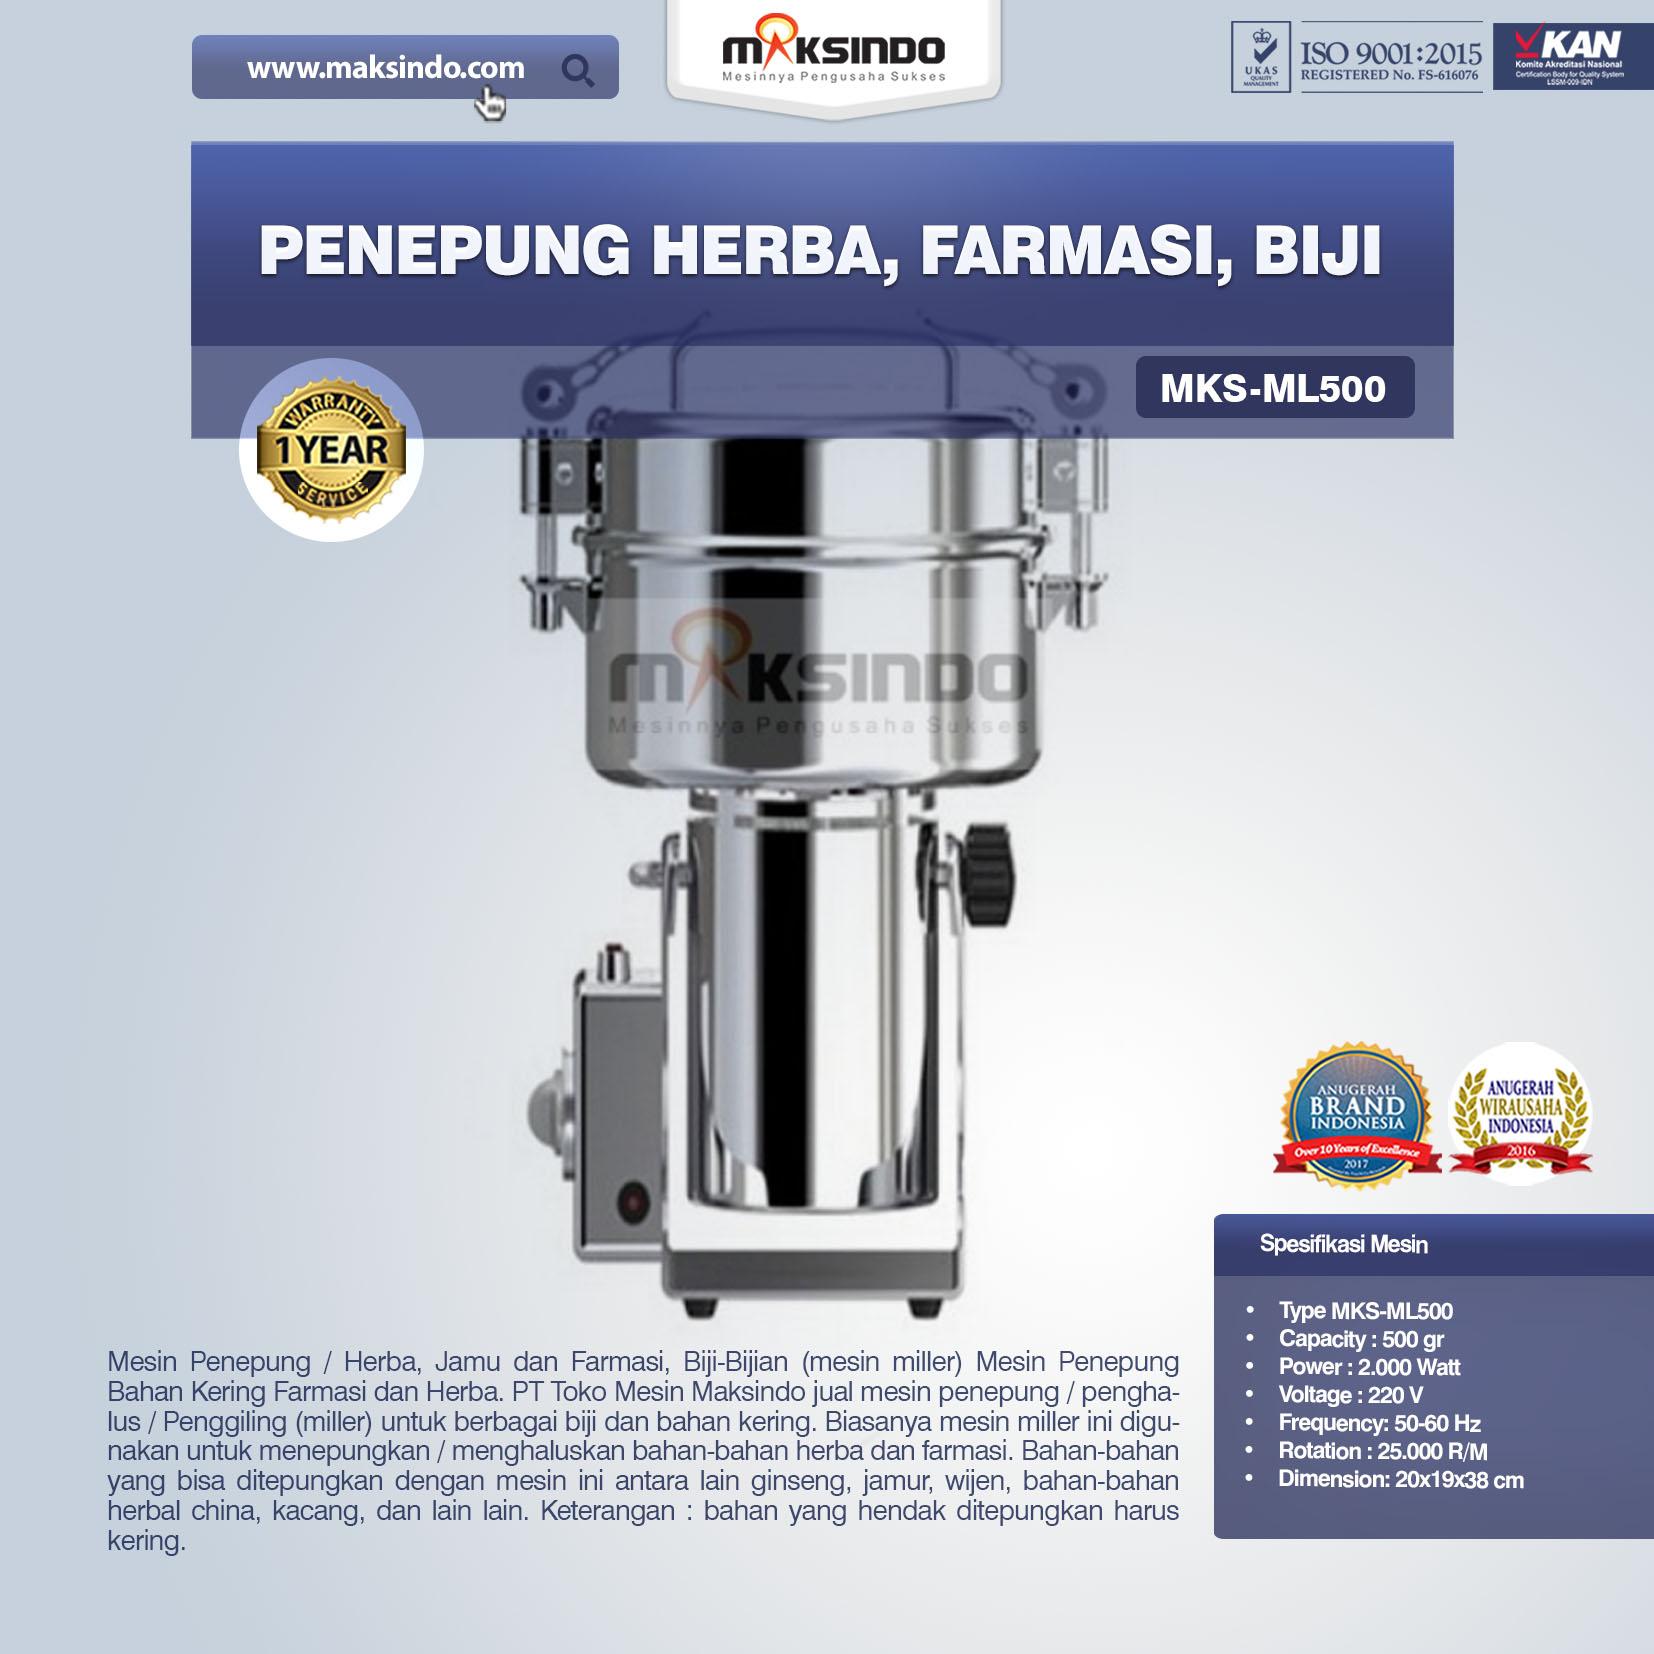 Jual Penepung Herba, Farmasi, Biji (ML100) di Pekanbaru